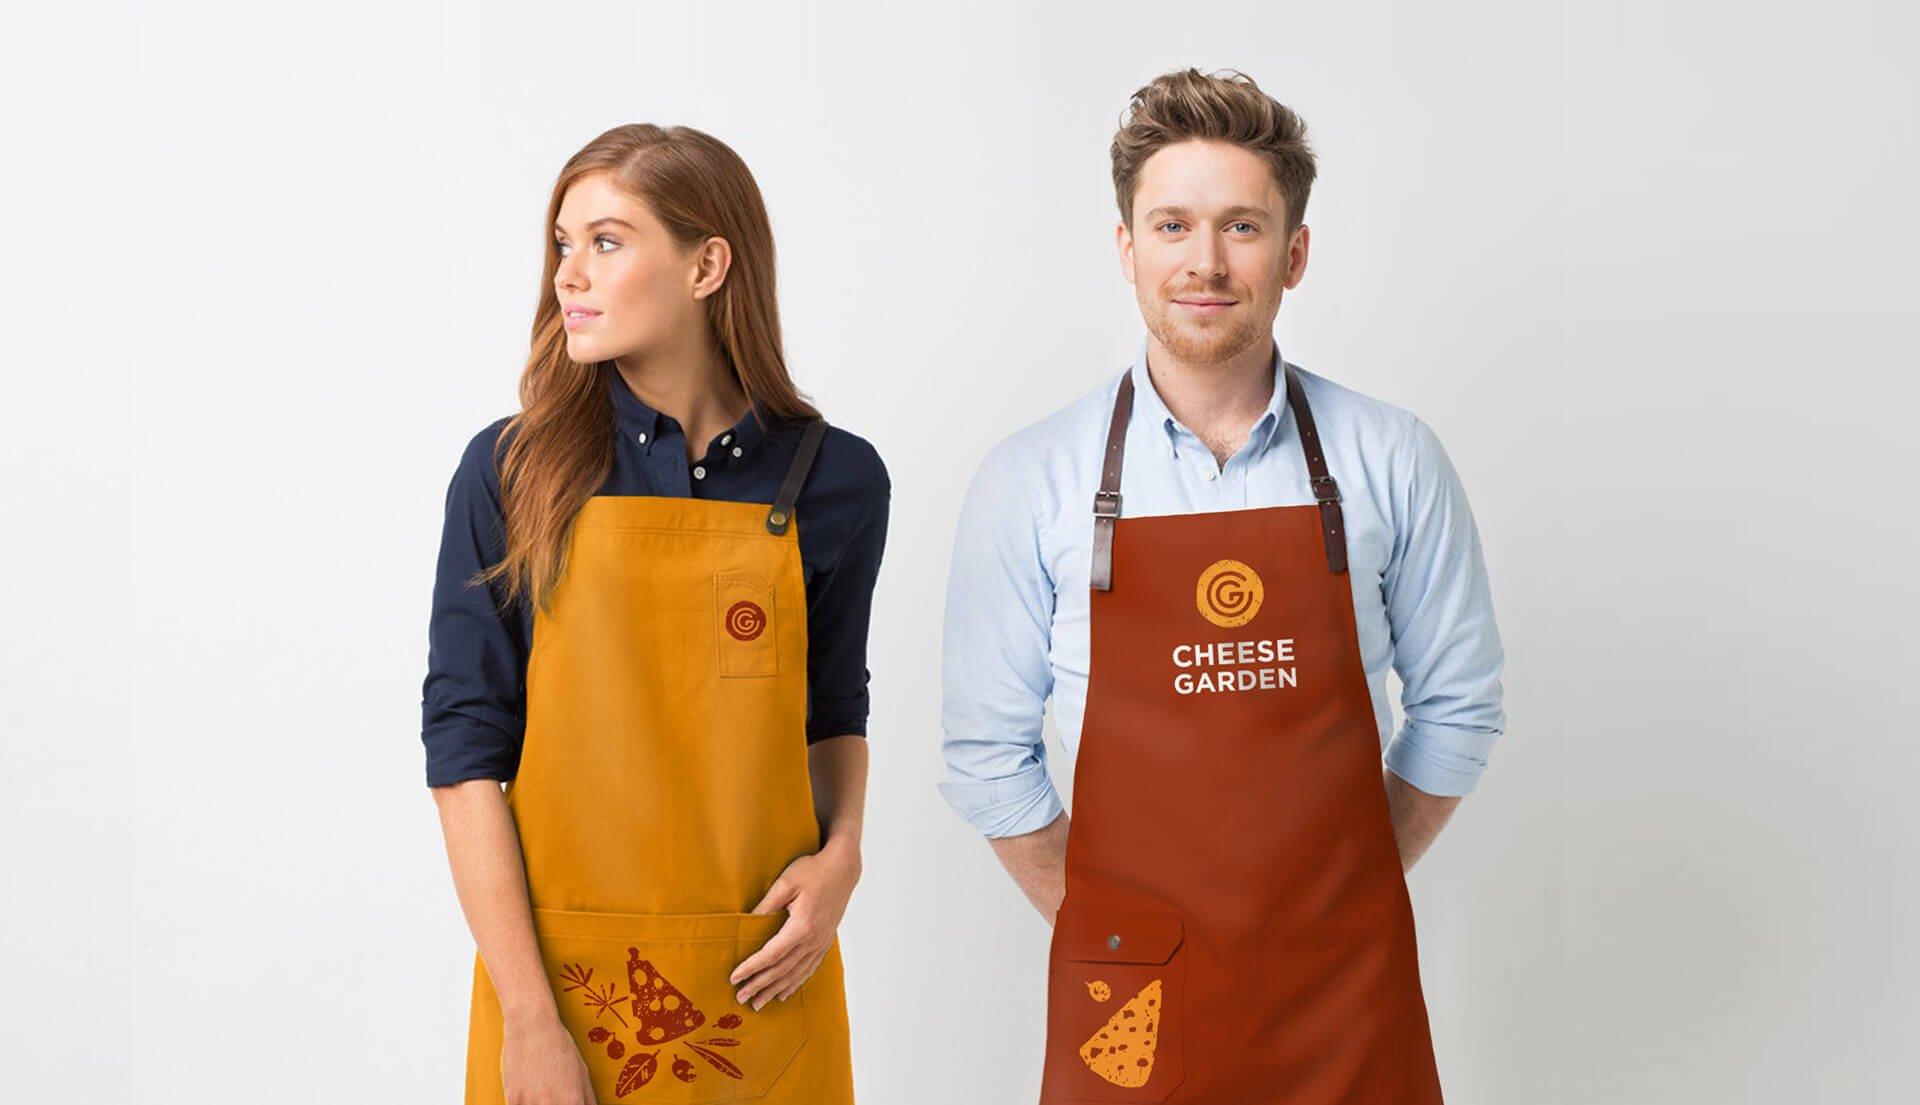 Стиль одягу працівників «Cheese Garden»